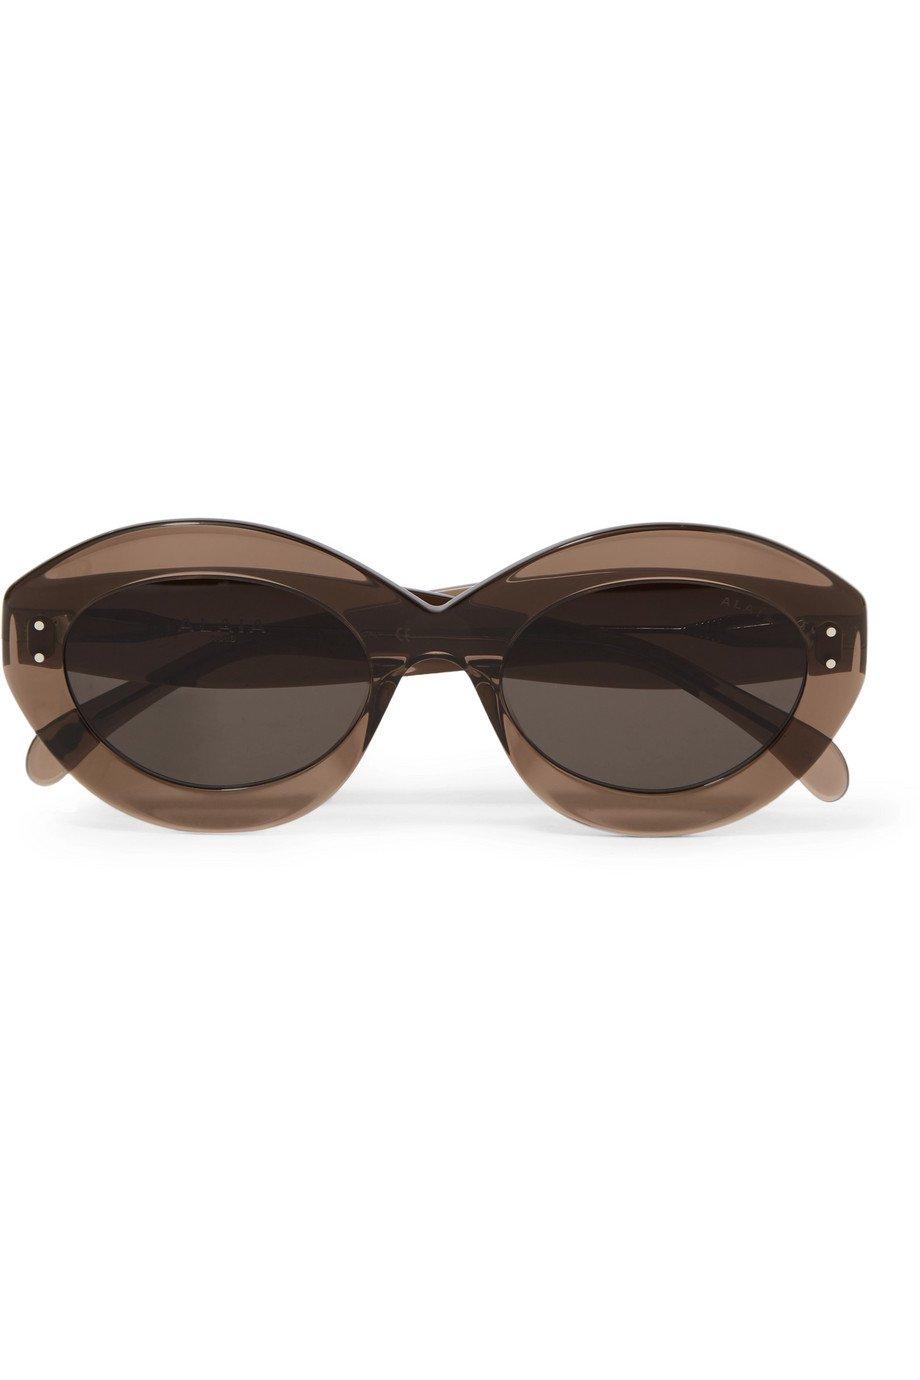 Alaïa | Round-frame acetate sunglasses | NET-A-PORTER.COM